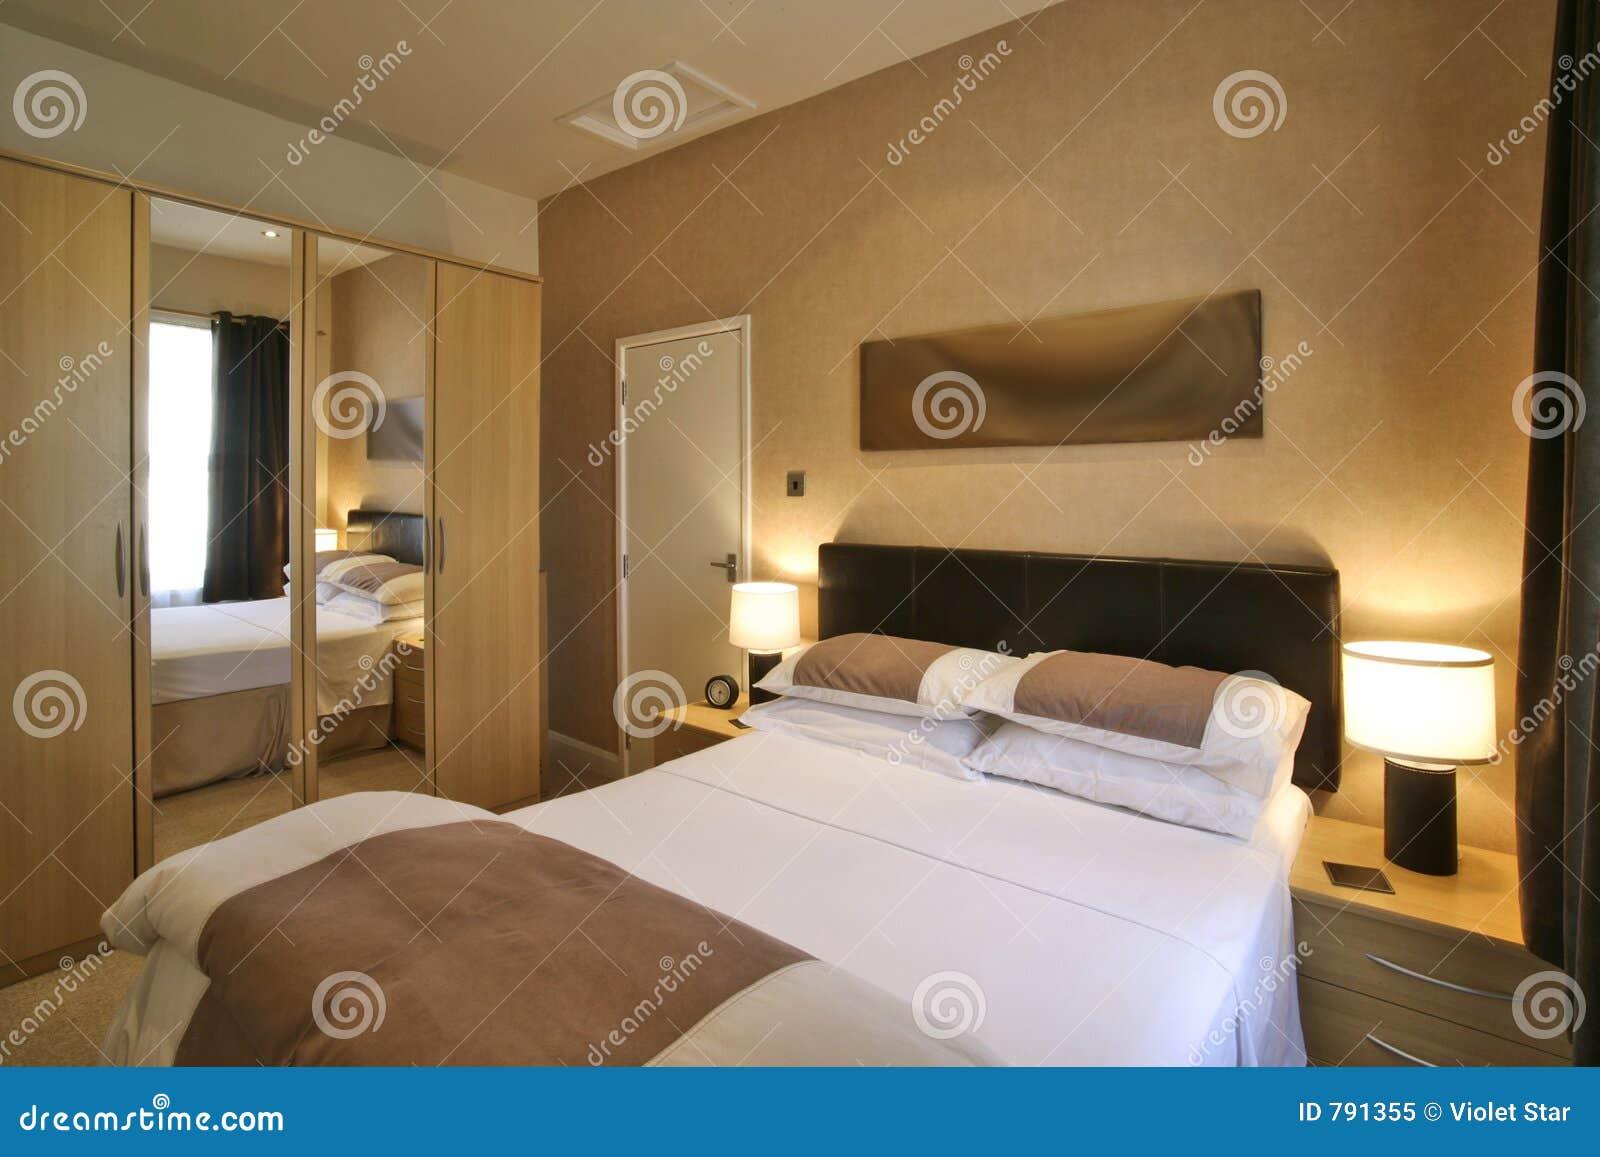 Camera da letto di lusso fotografia stock libera da - Camera da letto di lusso ...